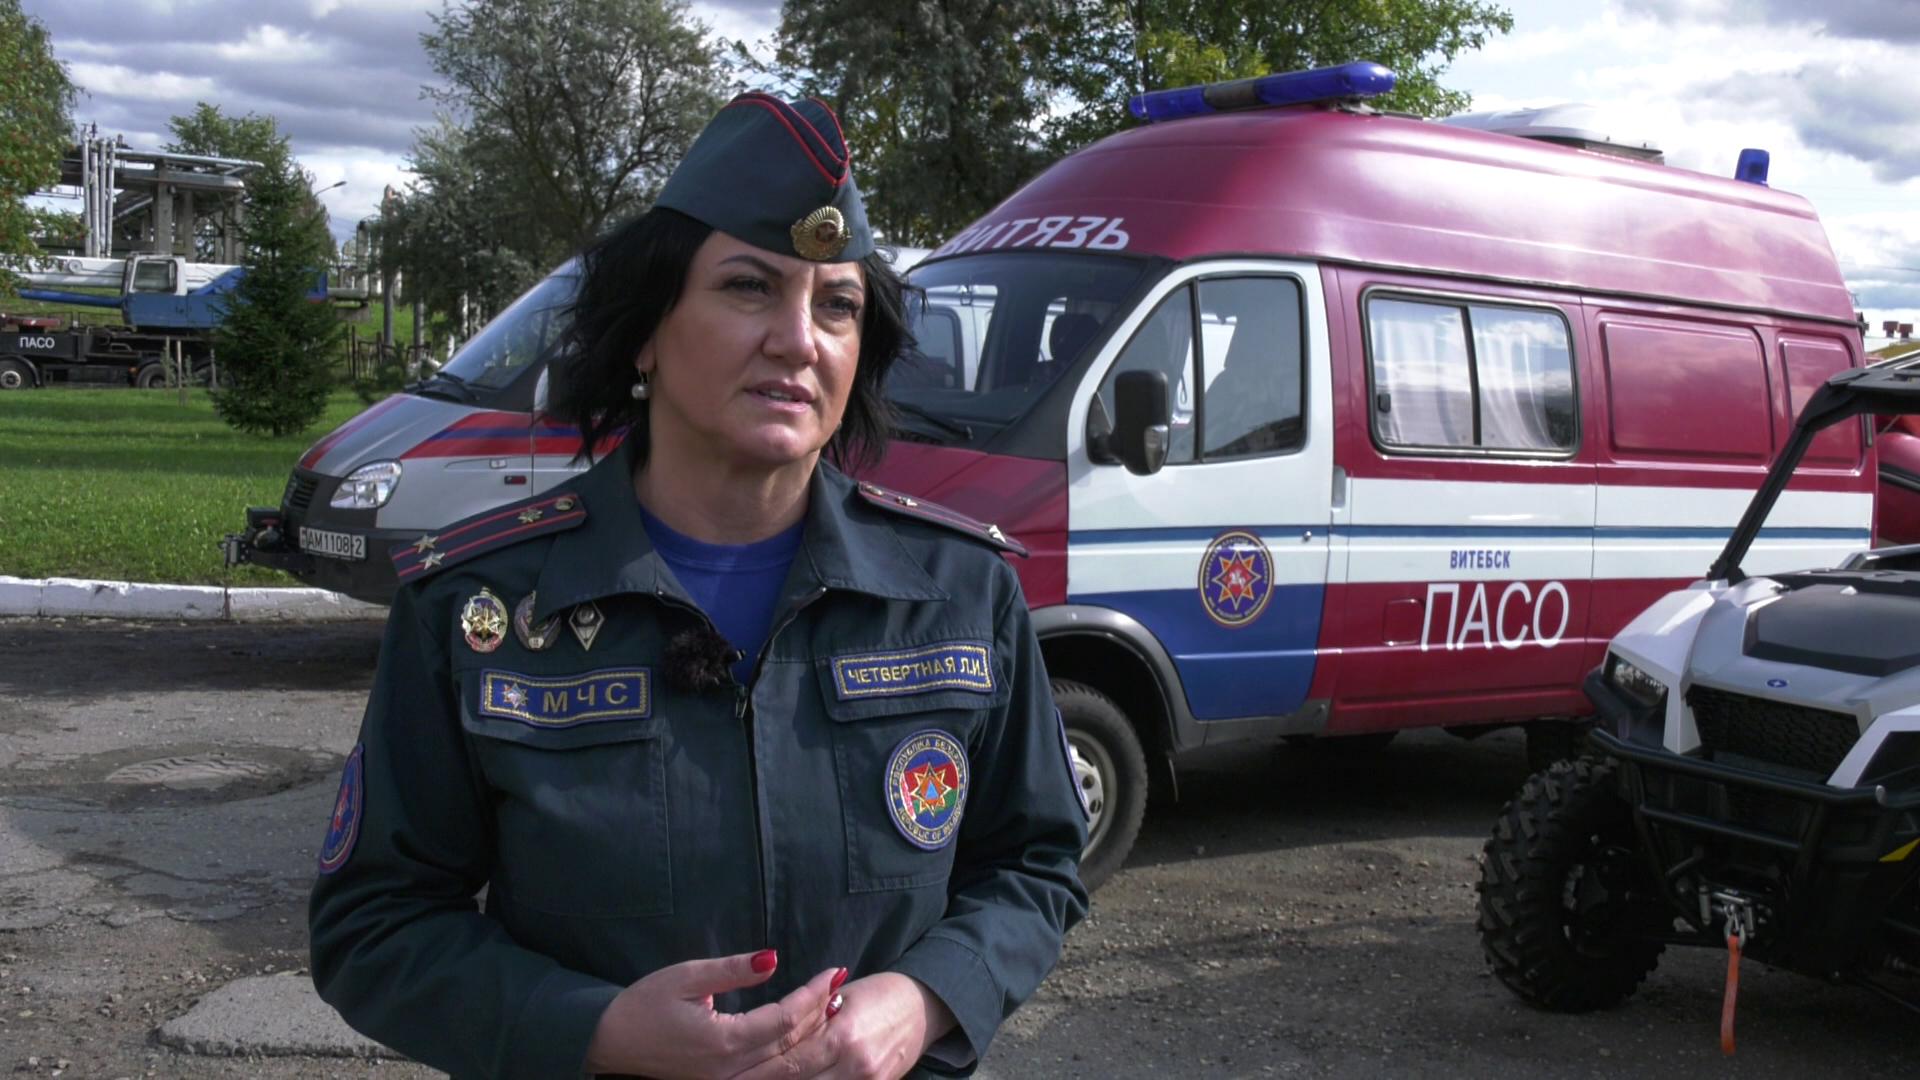 mchs - Спасатели ищут потерявшихся в лесу (видео)